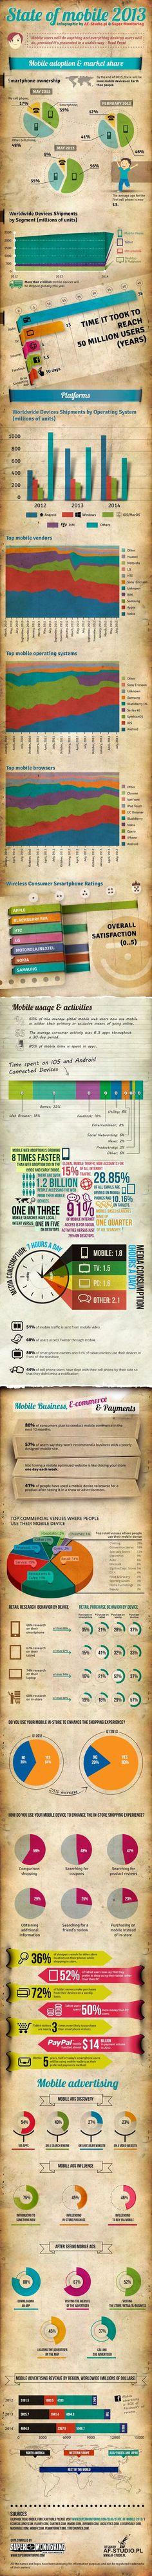 Uso de los móviles en el mundo